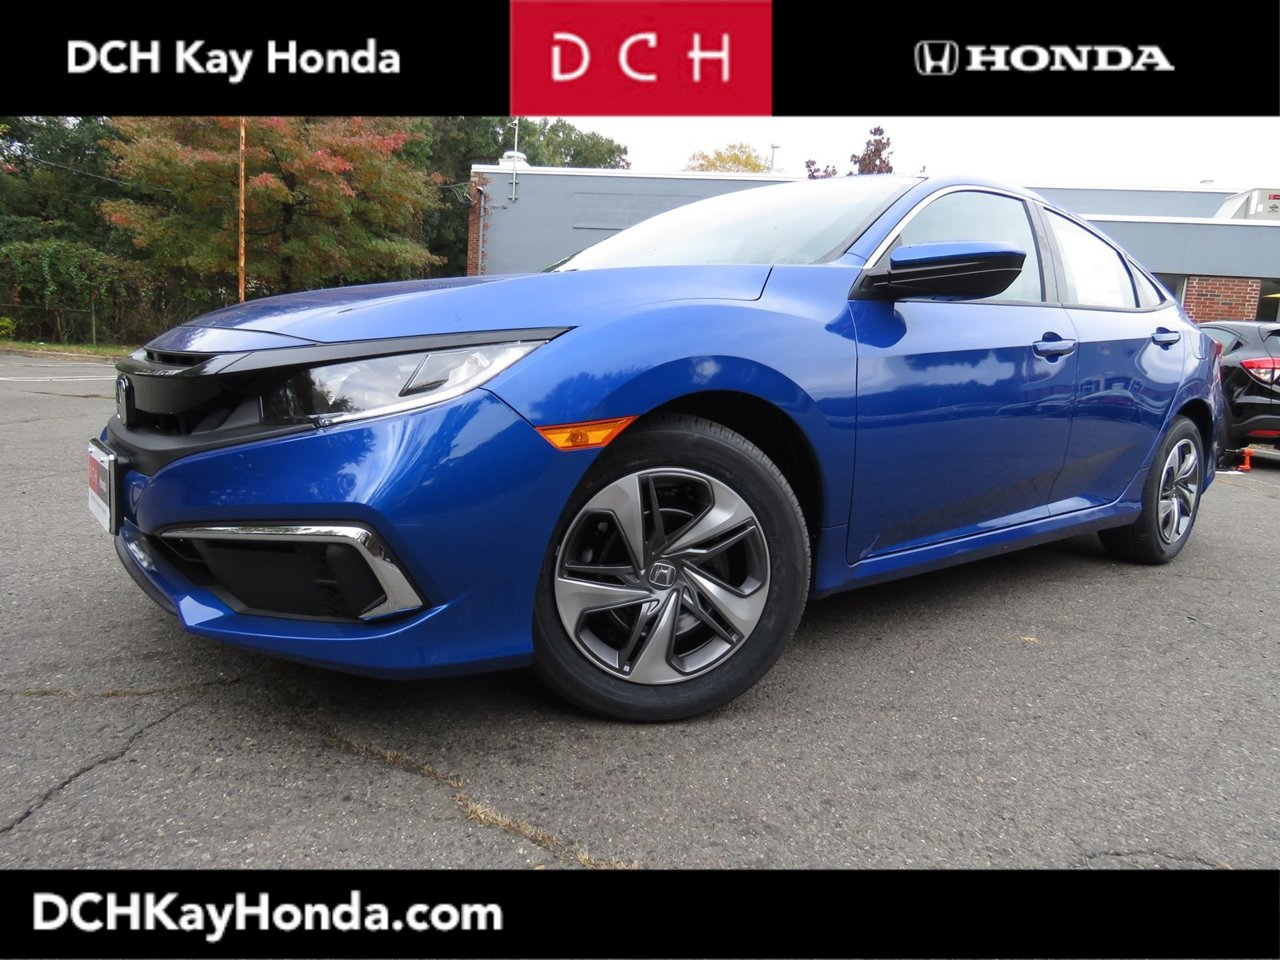 New 2020 Honda Civic Sedan in Eatontown, NJ